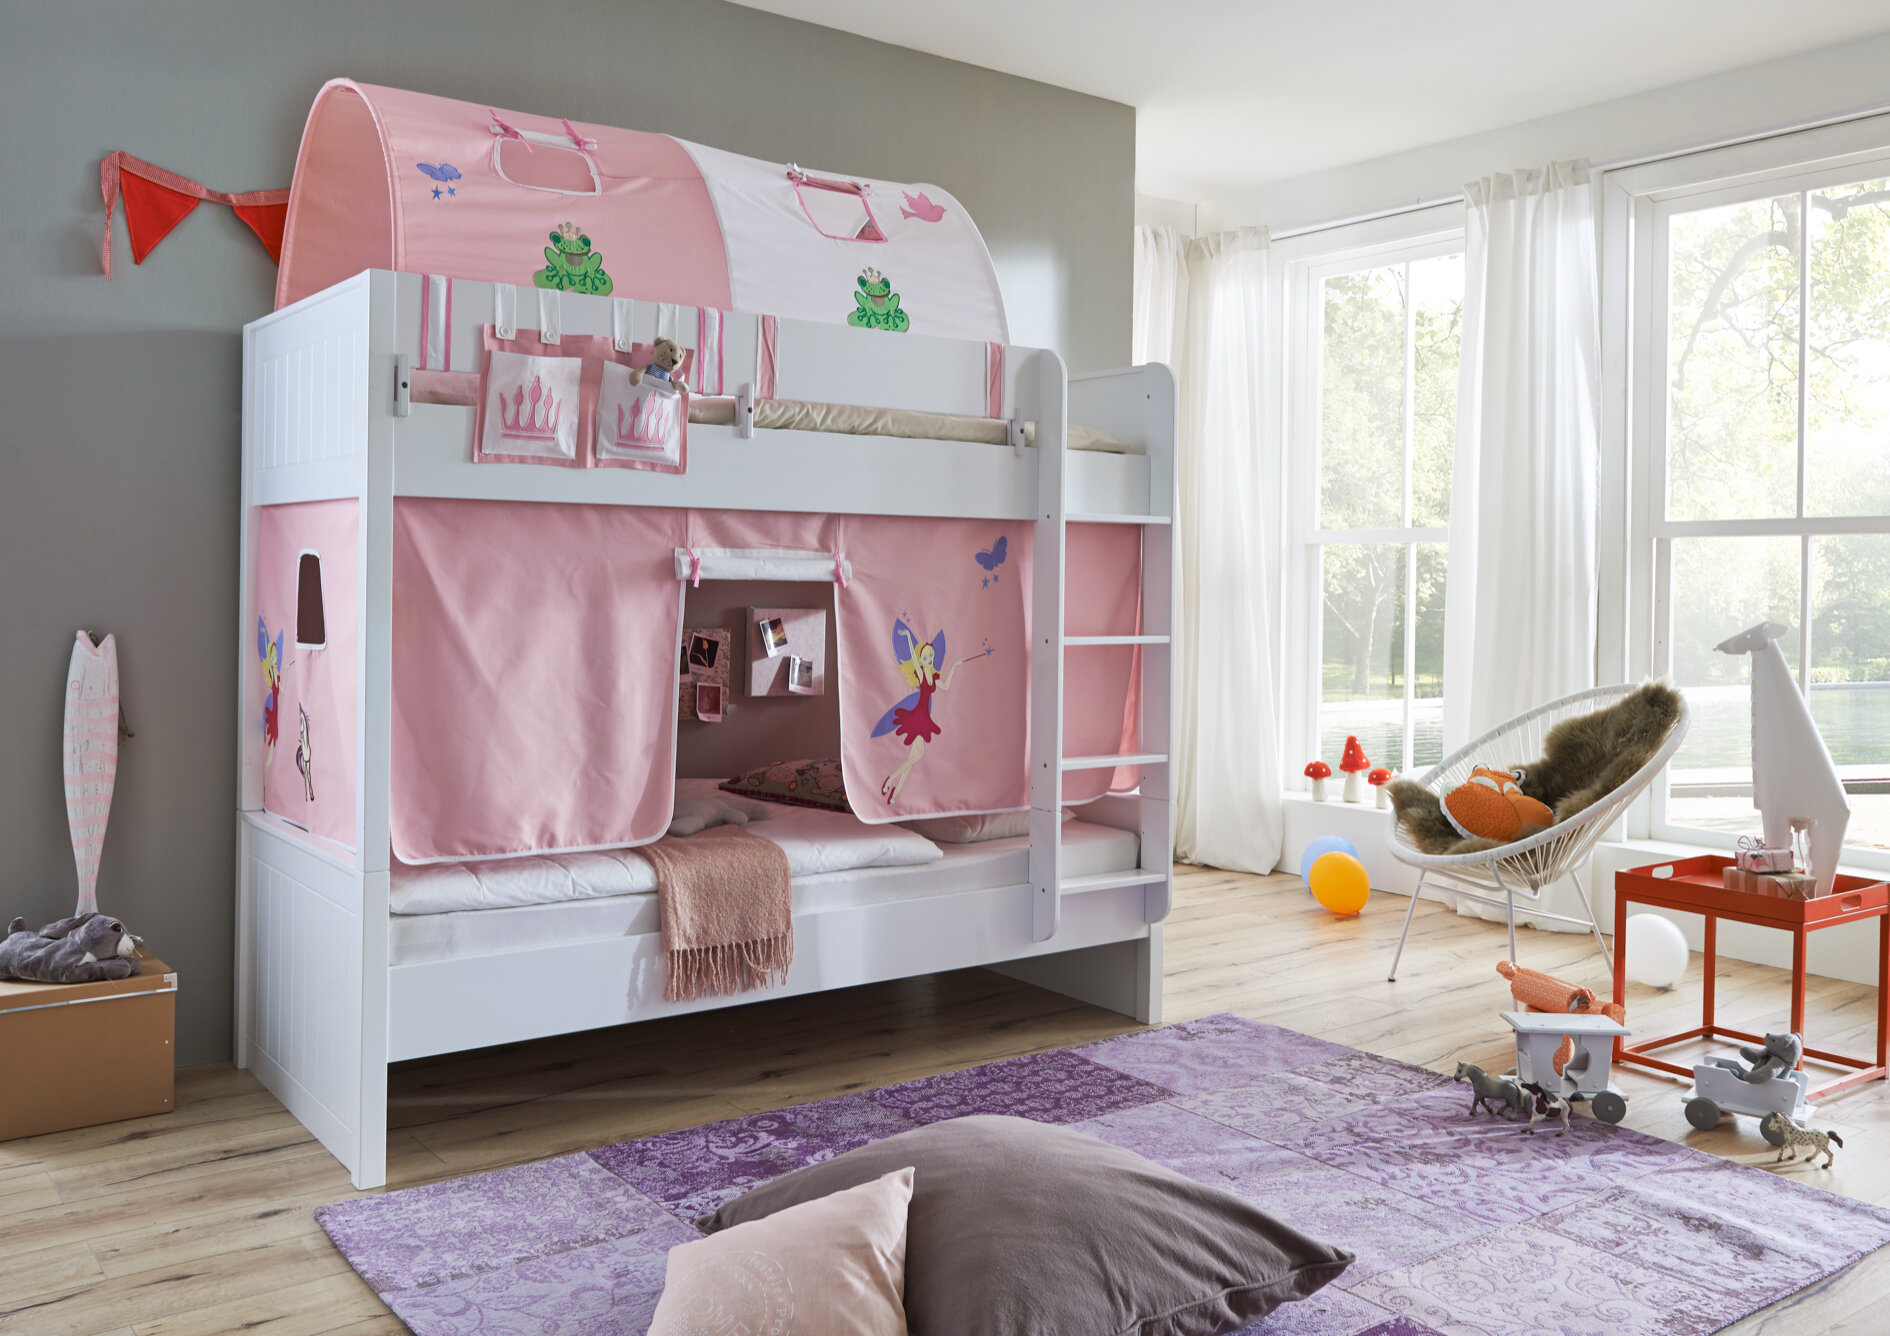 Etagenbett Schutz : Etagenbett doppelstockbett online kaufen stockbett otto